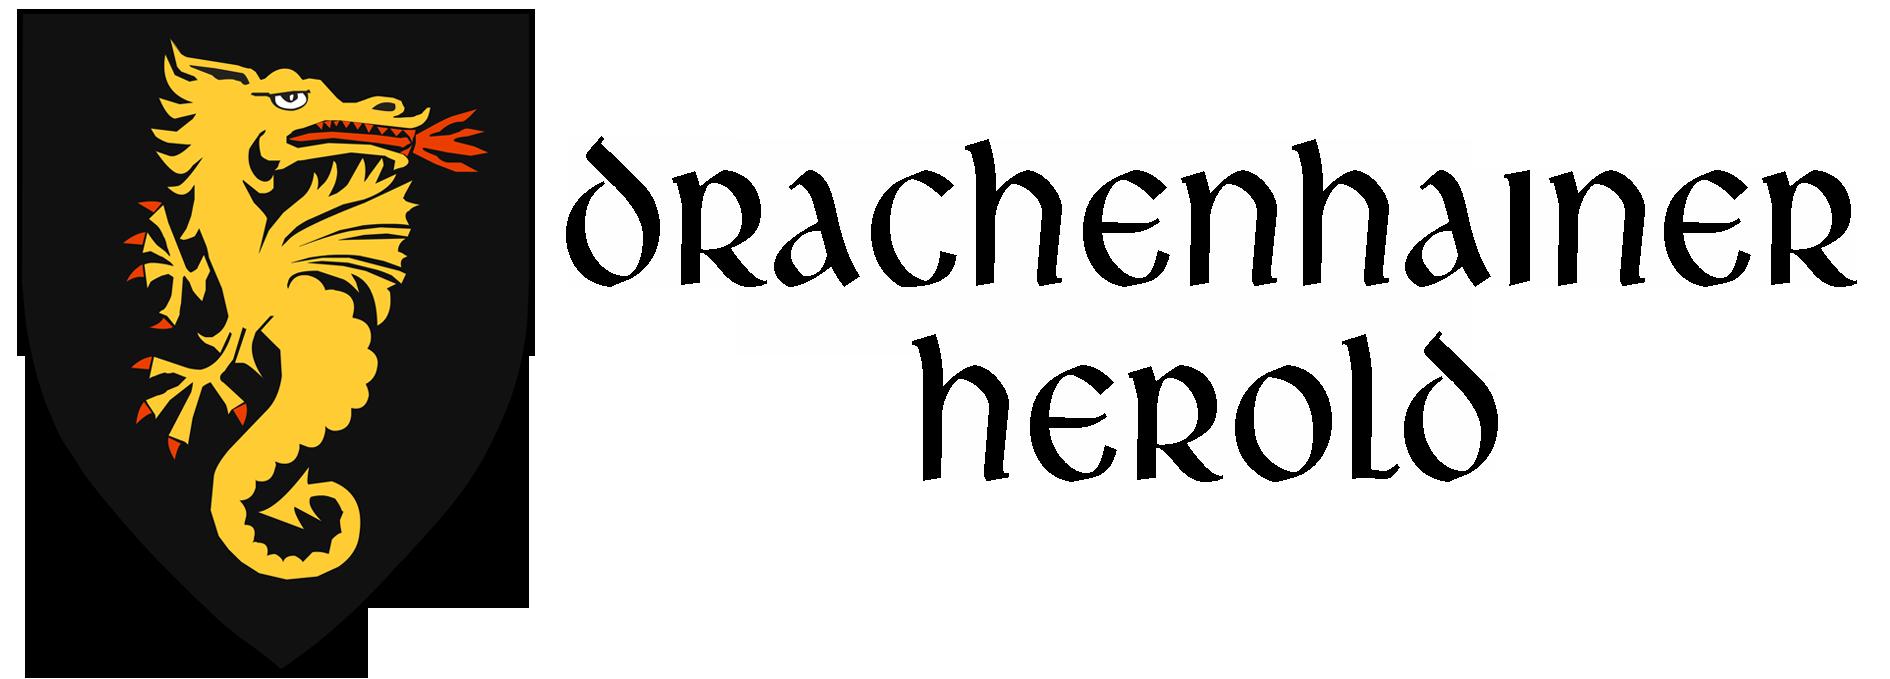 Drachenhainer Herold